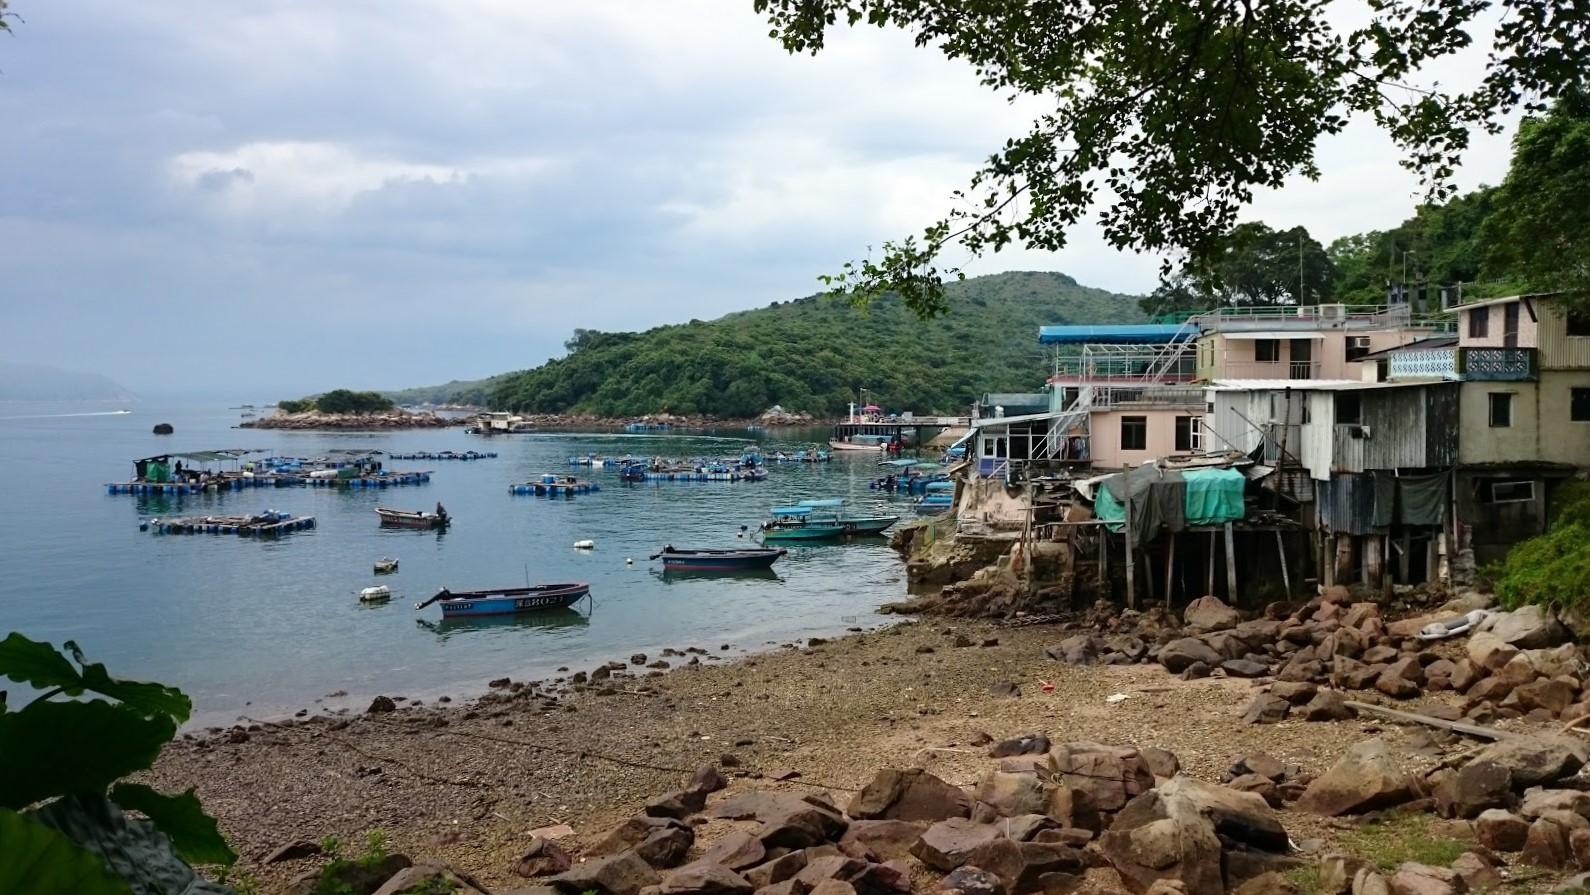 Tap Mun Hongkong fishing village